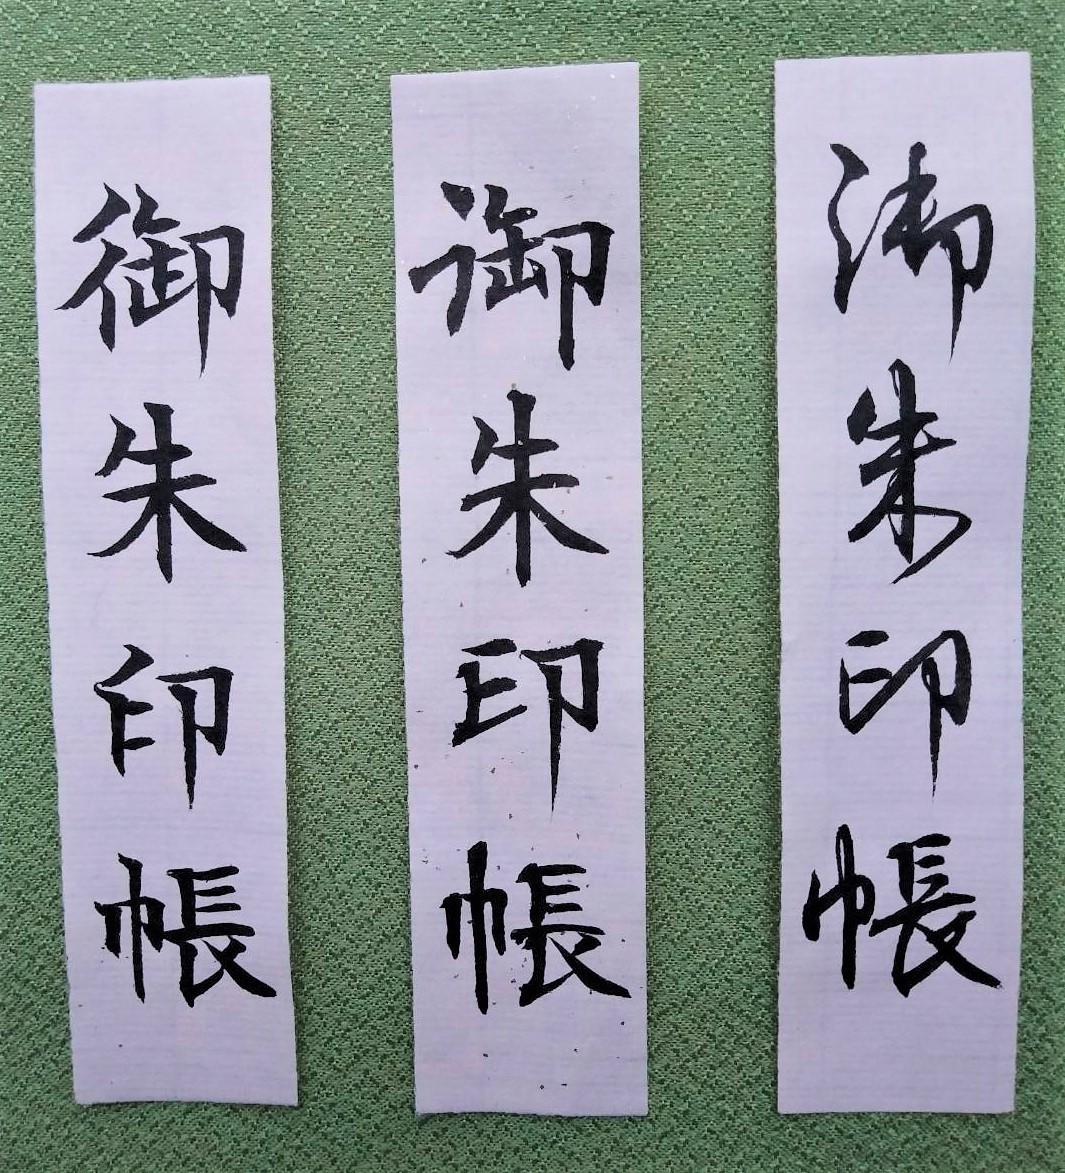 あなたの名前を書いた御朱印帳を提供します プロの書家が、あなたの大事な御朱印帳に名前を書きます!